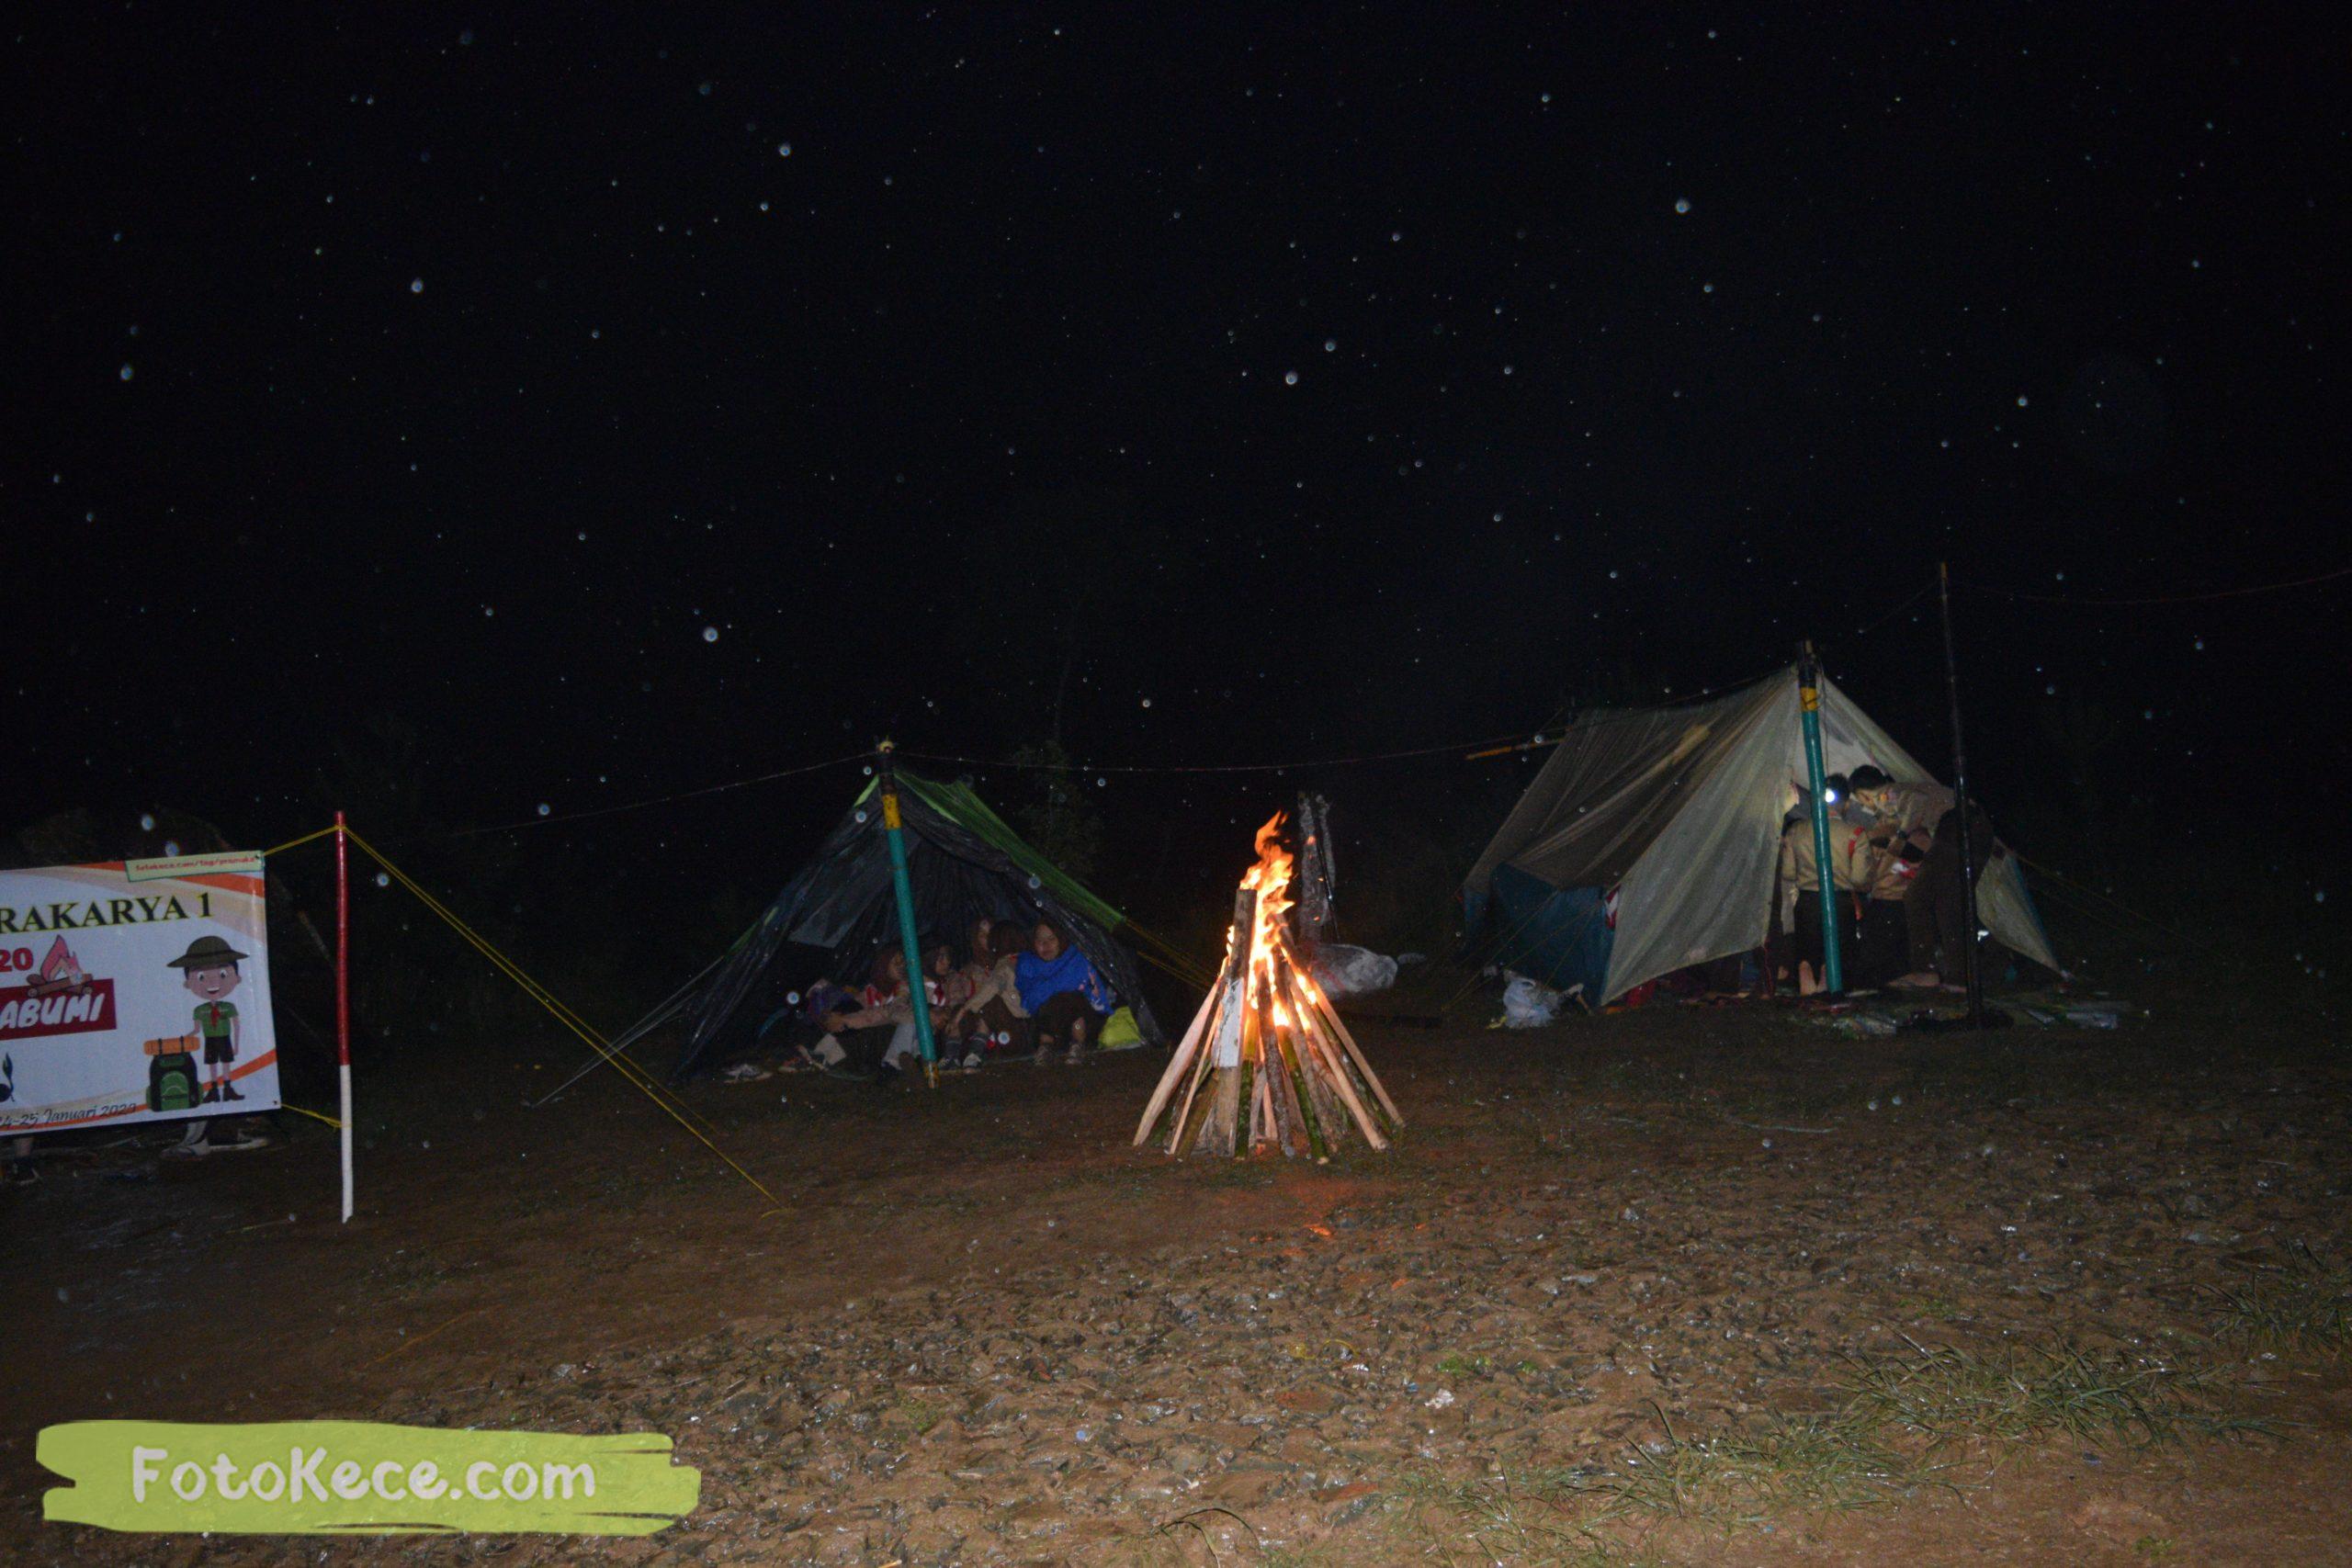 kegiatan sore malam perkemahan narakarya 1 mtsn 2 sukabumi 24 25 januari 2020 pramuka hebat puncak buluh foto kece 66 scaled